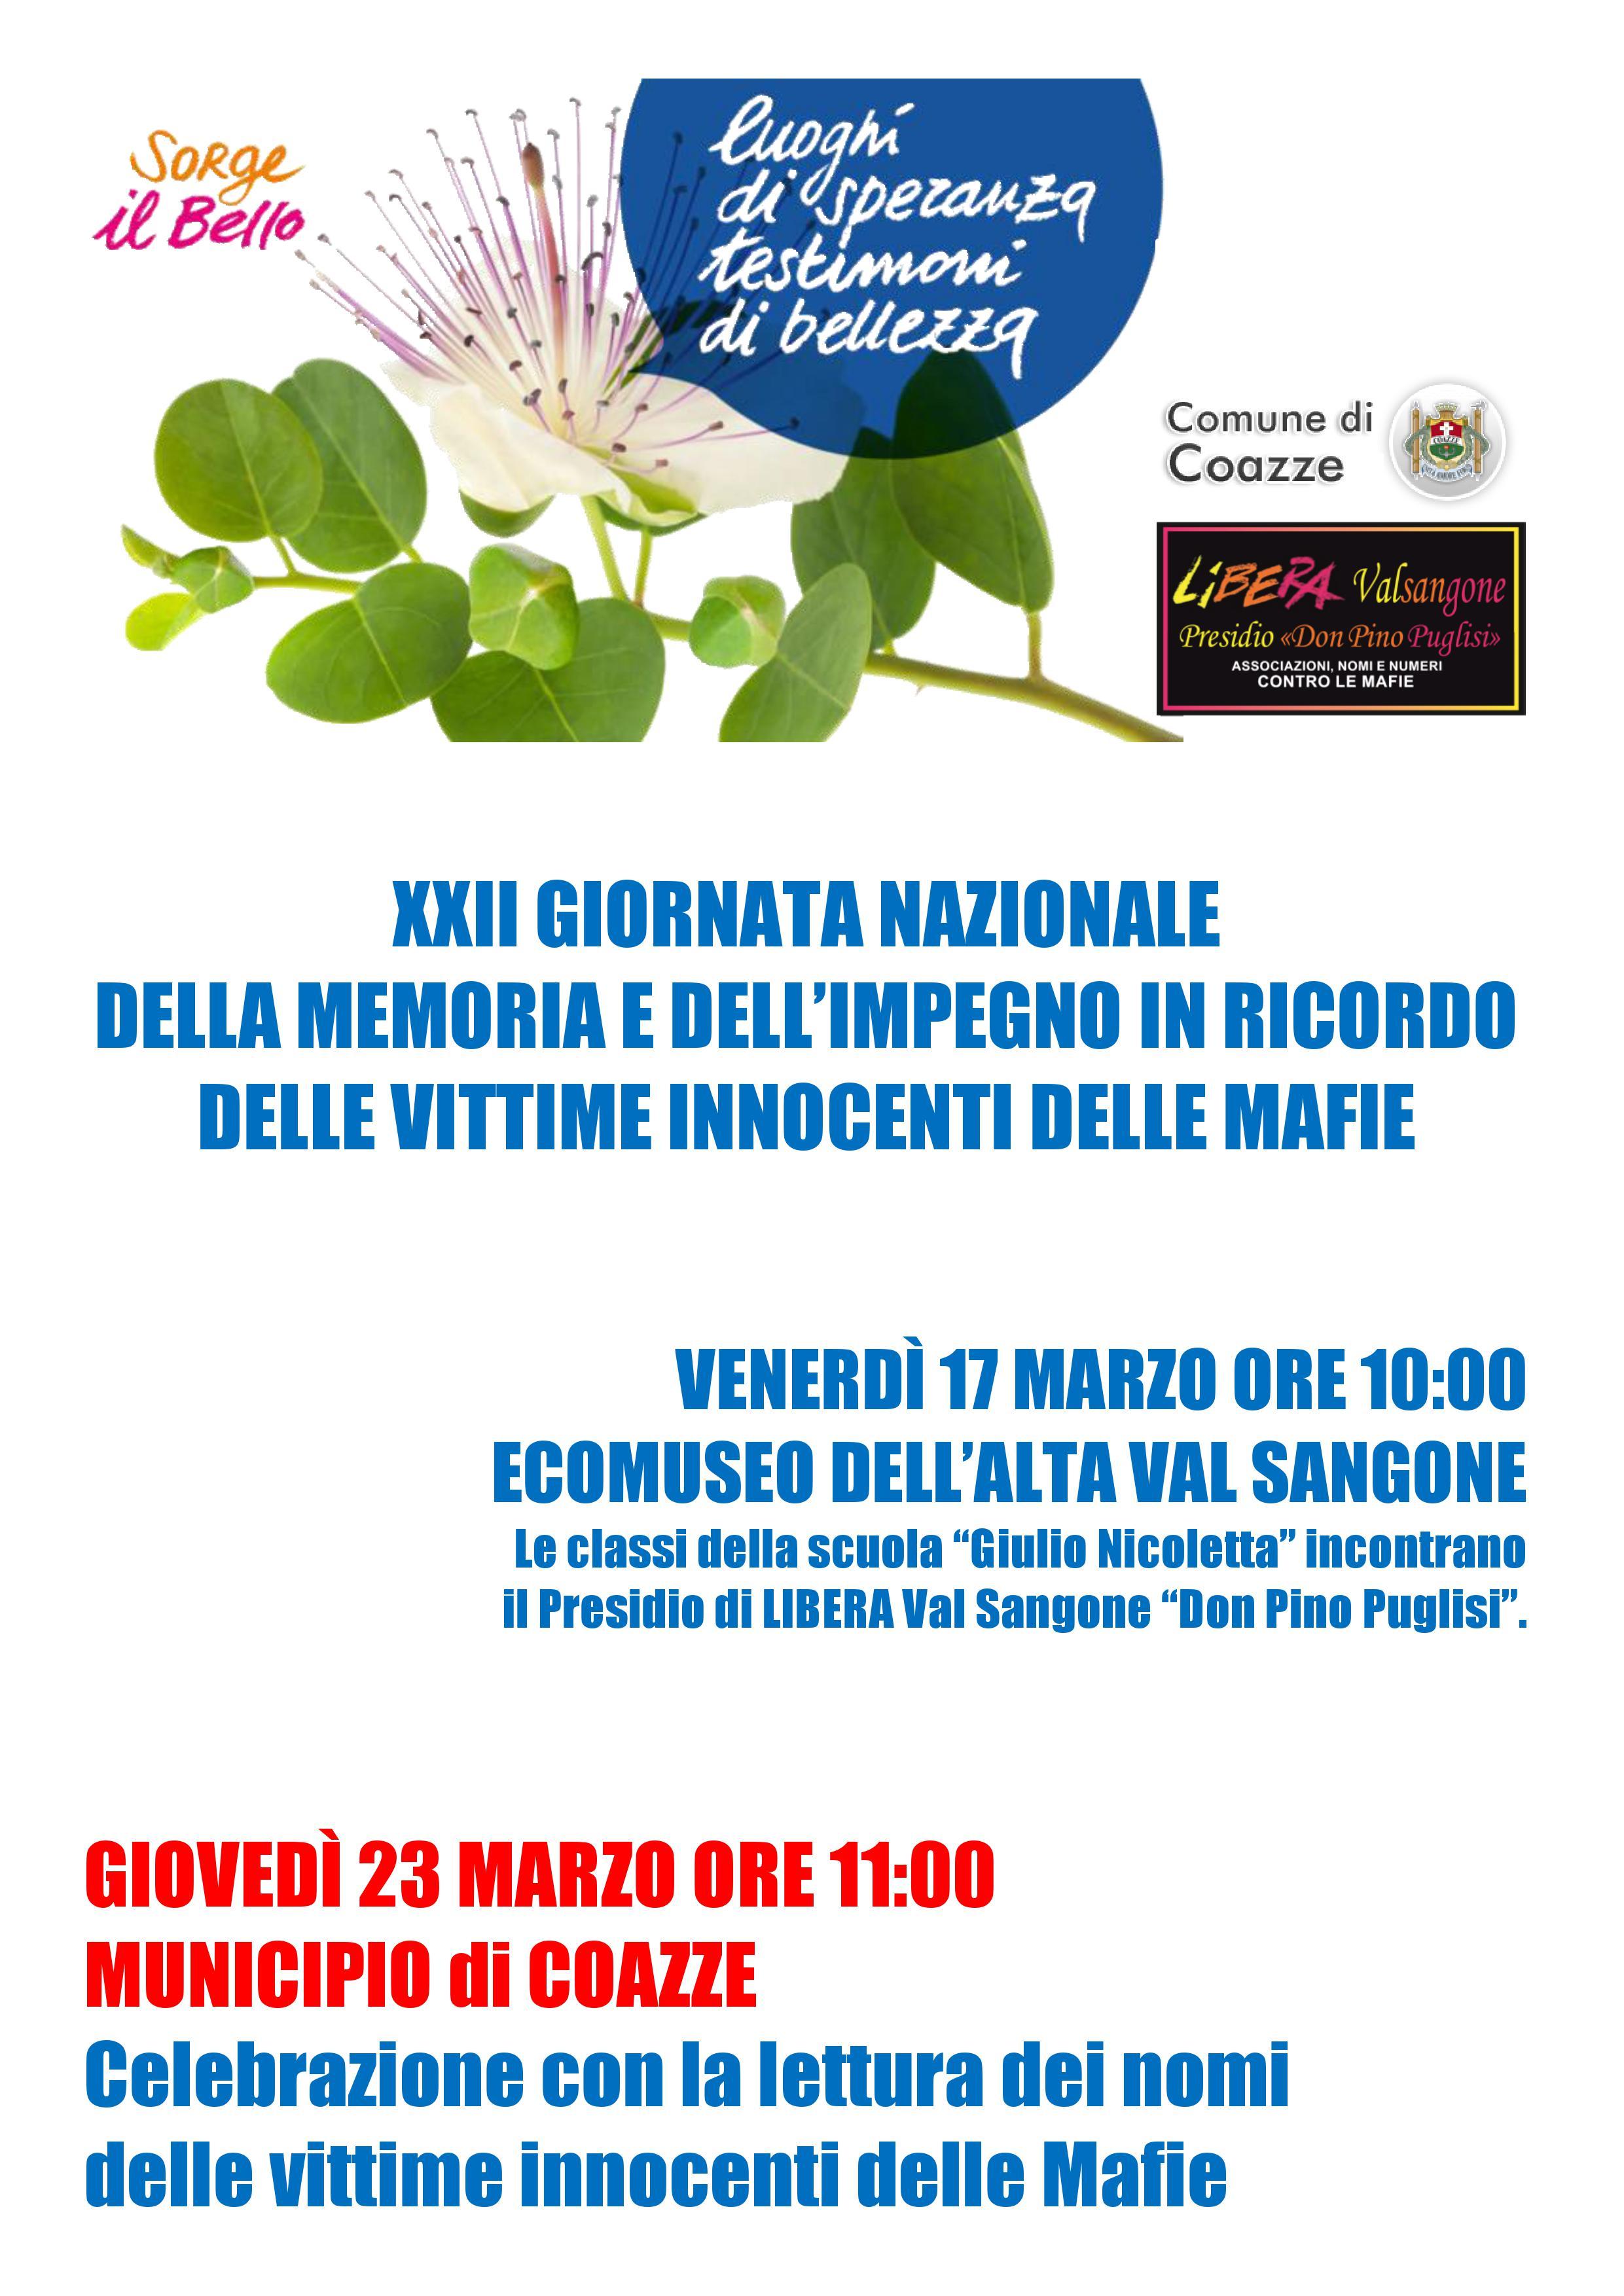 Libera contro le mafie – A COAZZE e in tutta ITALIA: GIORNATA DELLA MEMORIA E DELL'IMPEGNO IN RICORDO DELLE VITTIME INNOCENTI DELLE MAFIE